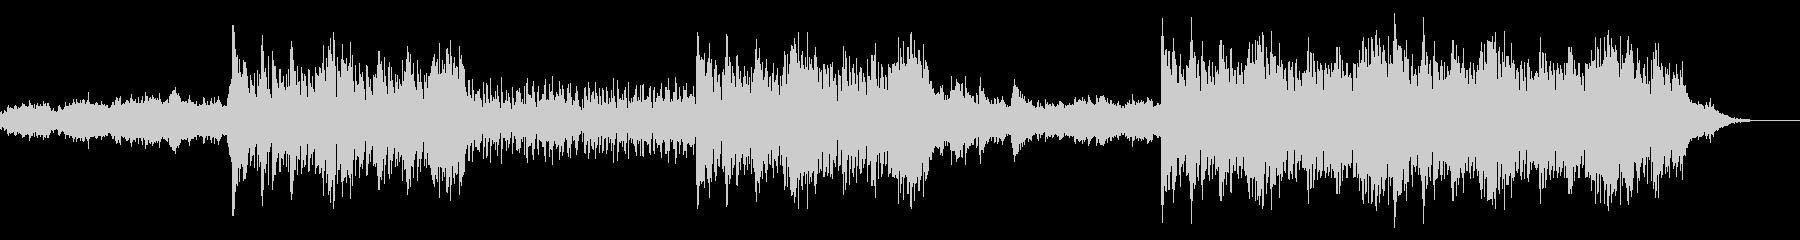 異世界庭園の音楽の未再生の波形